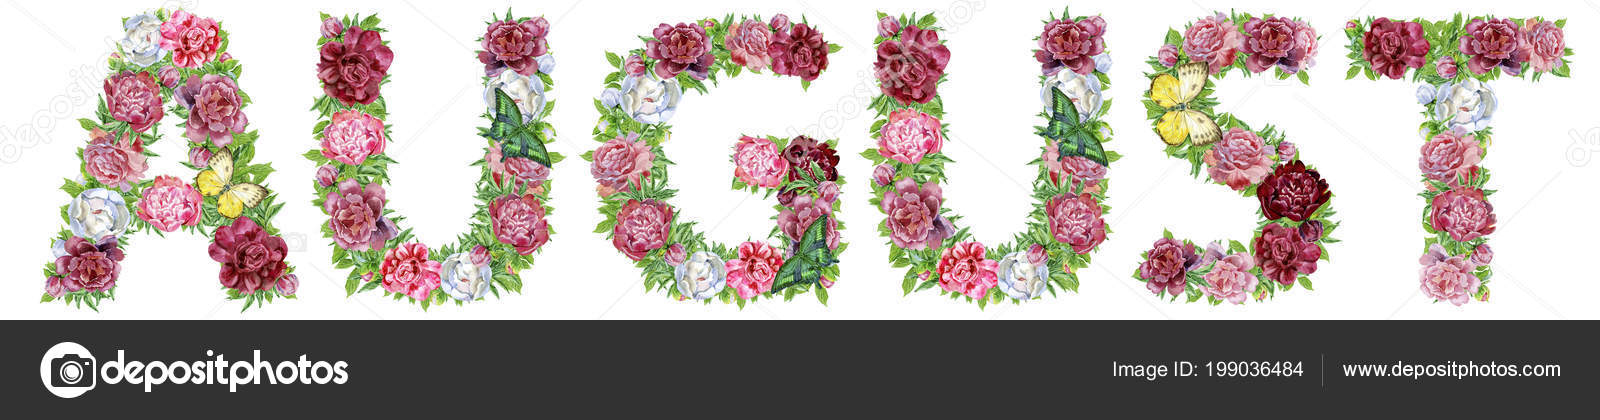 August Von Aquarell Blumen Isolierte Handgezeichnete Auf Weissem